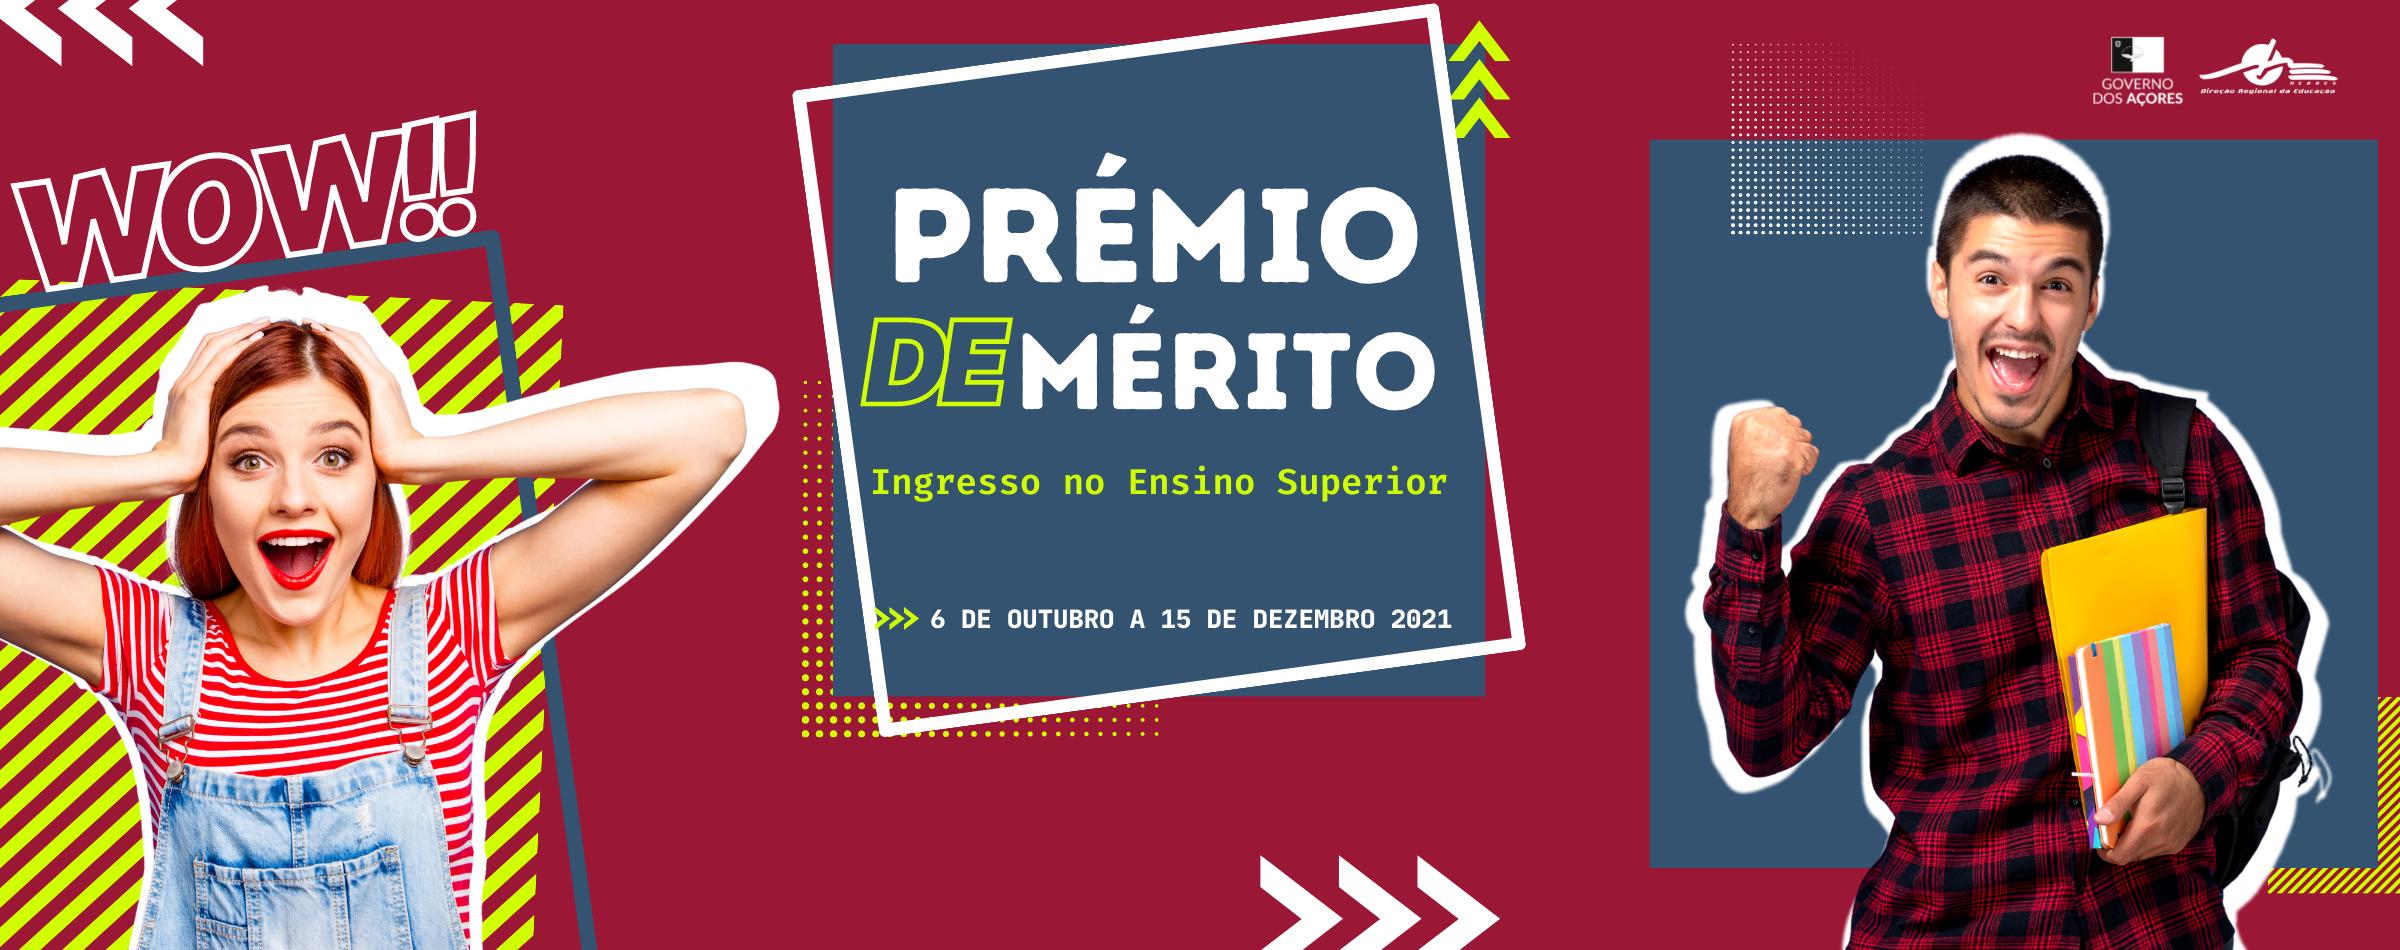 Prémio De Mérito / Banner